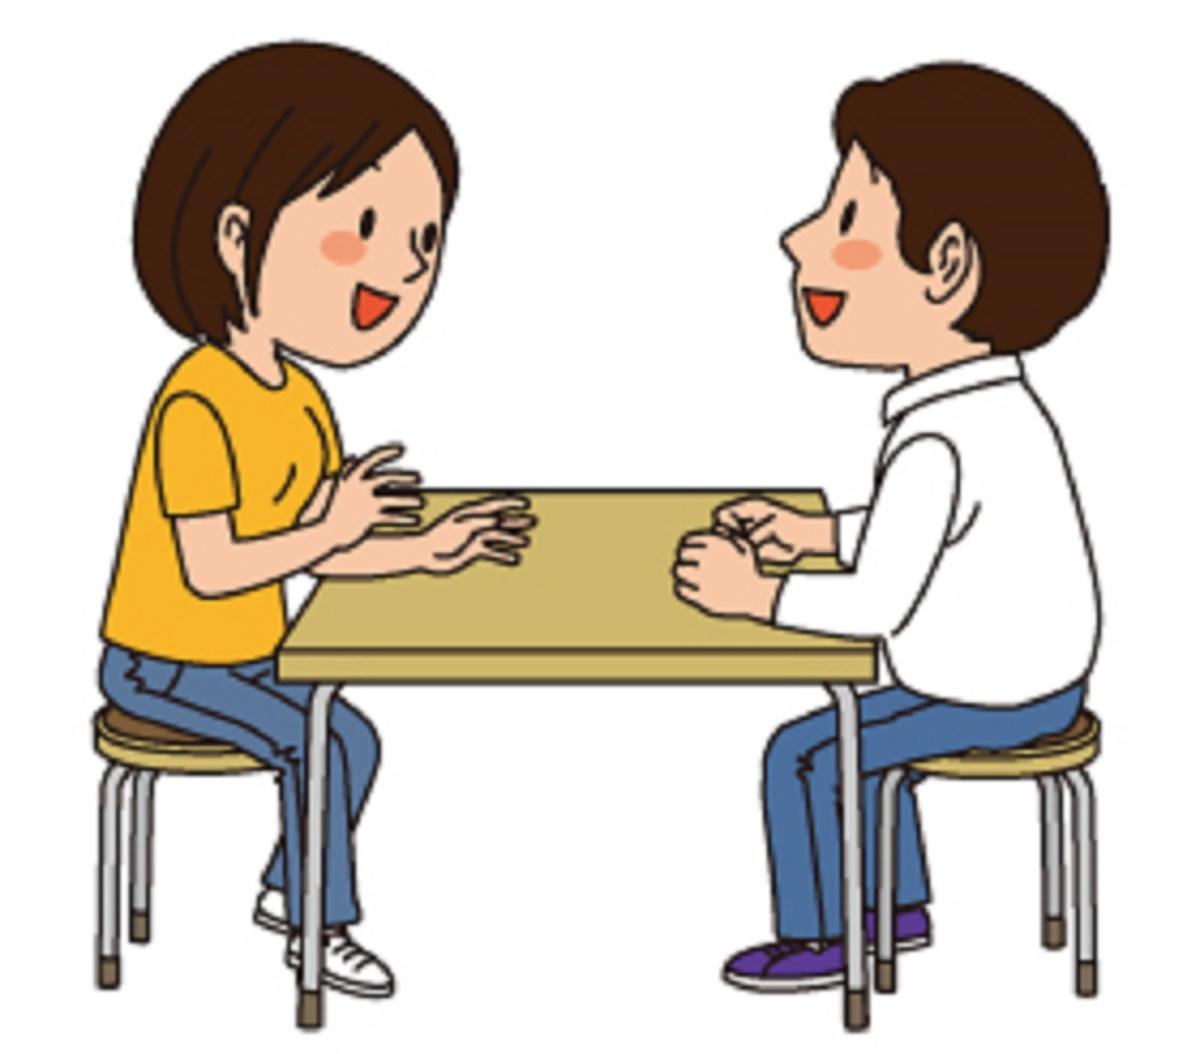 【役立つ】話し方と聞き方の改善と上達について